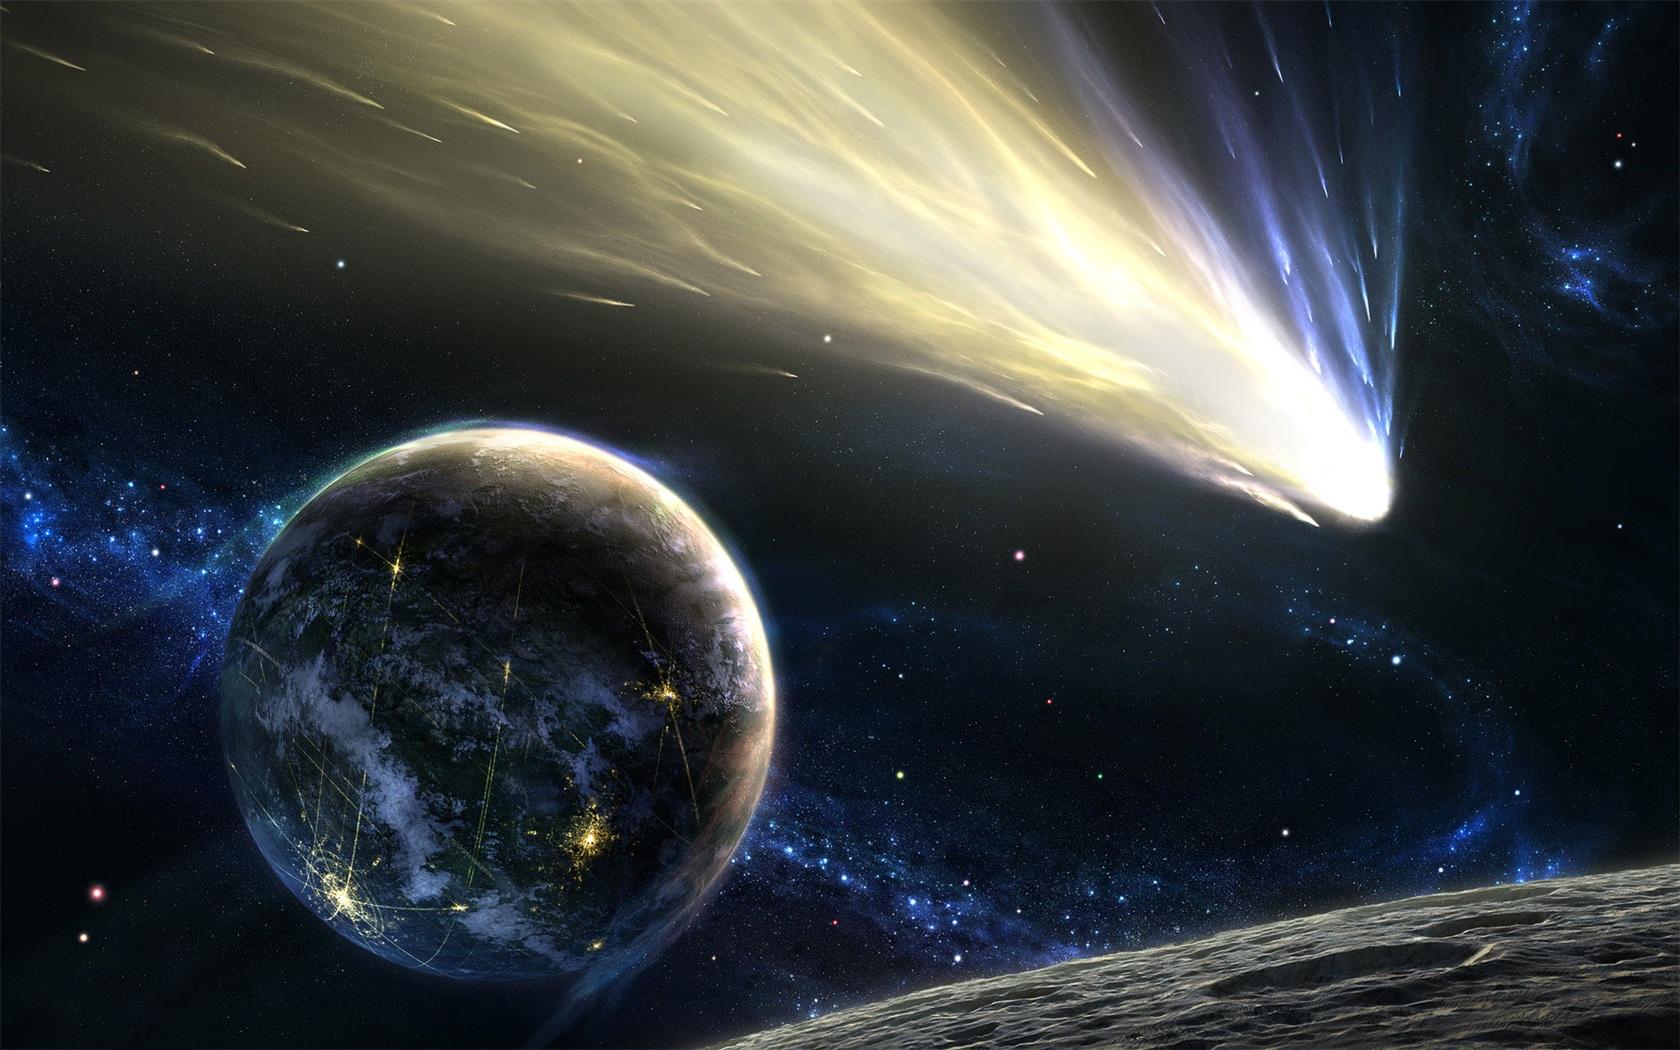 彗星 (航空機)の画像 p1_33